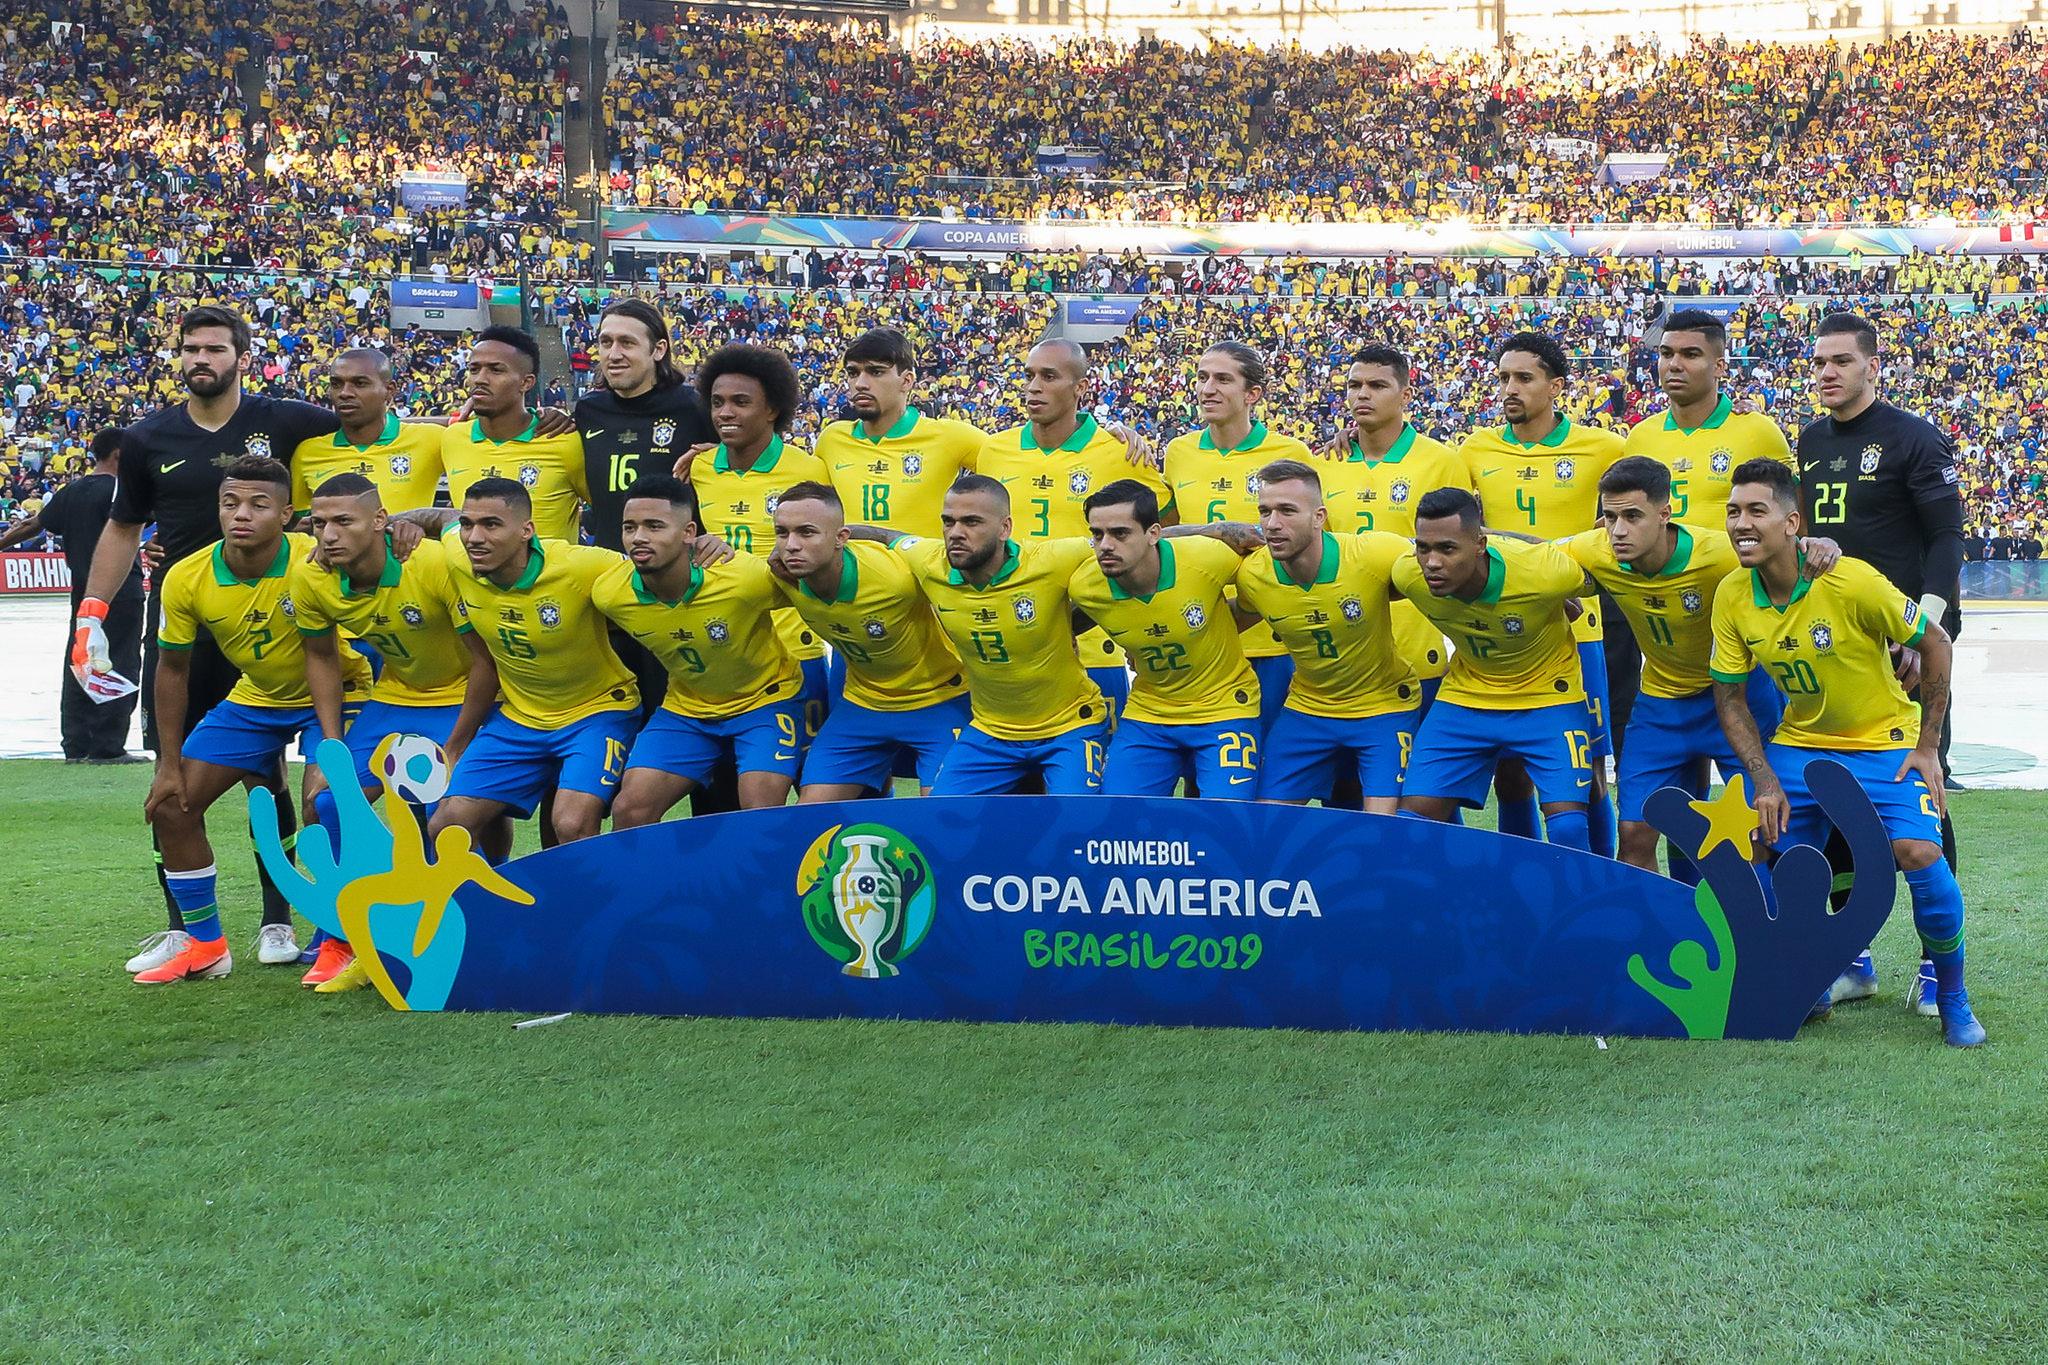 Domingão do Faustão derrota Copa América